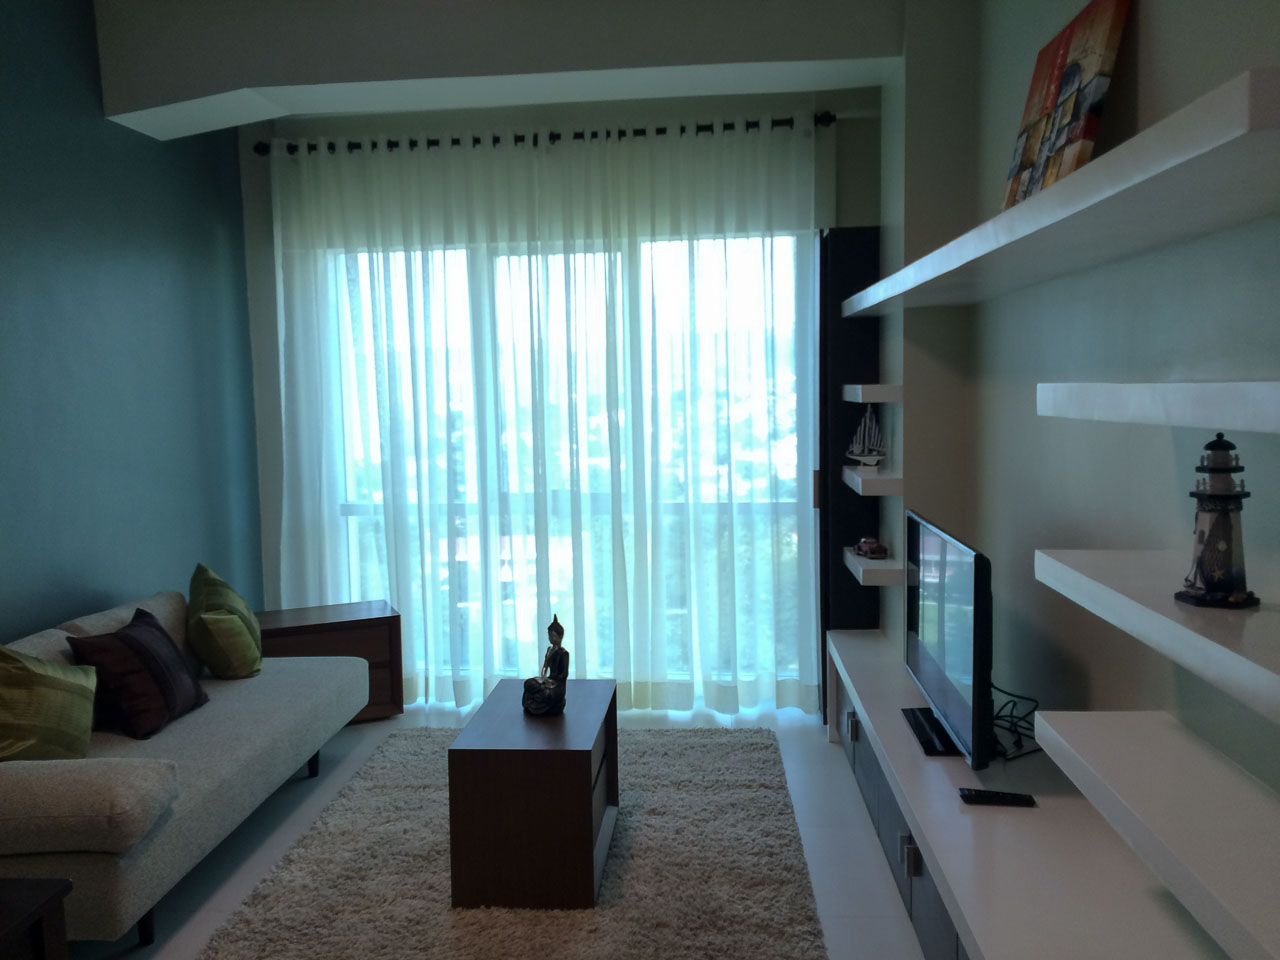 residential condominium 2 bedroom condo for rent in cebu city lahug